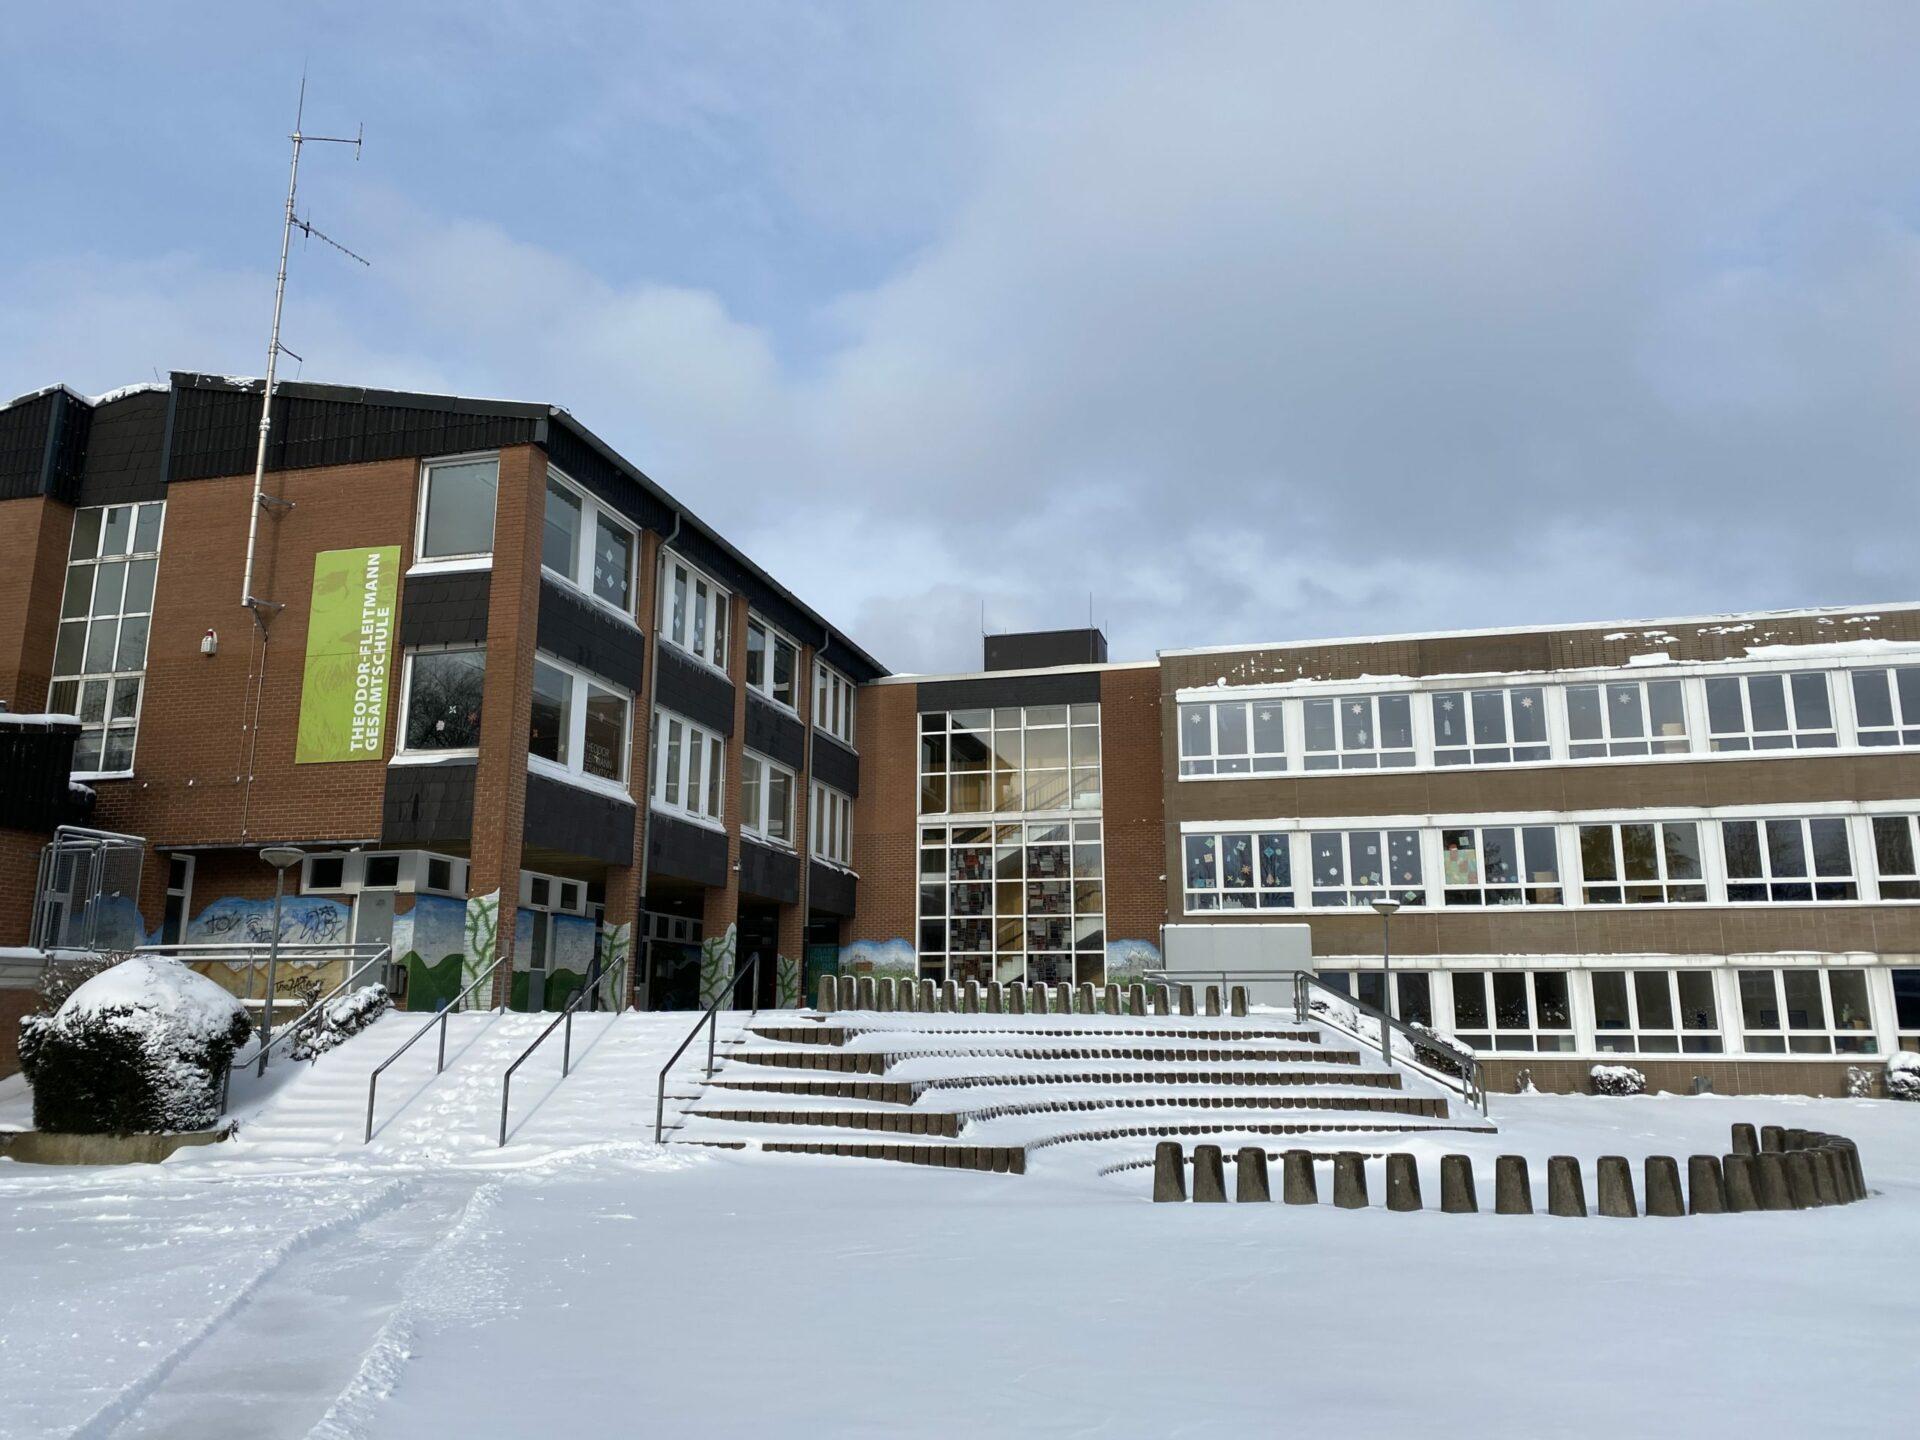 Neubau der Theodor-Fleitmann-Gesamtschule am Großen Feld?